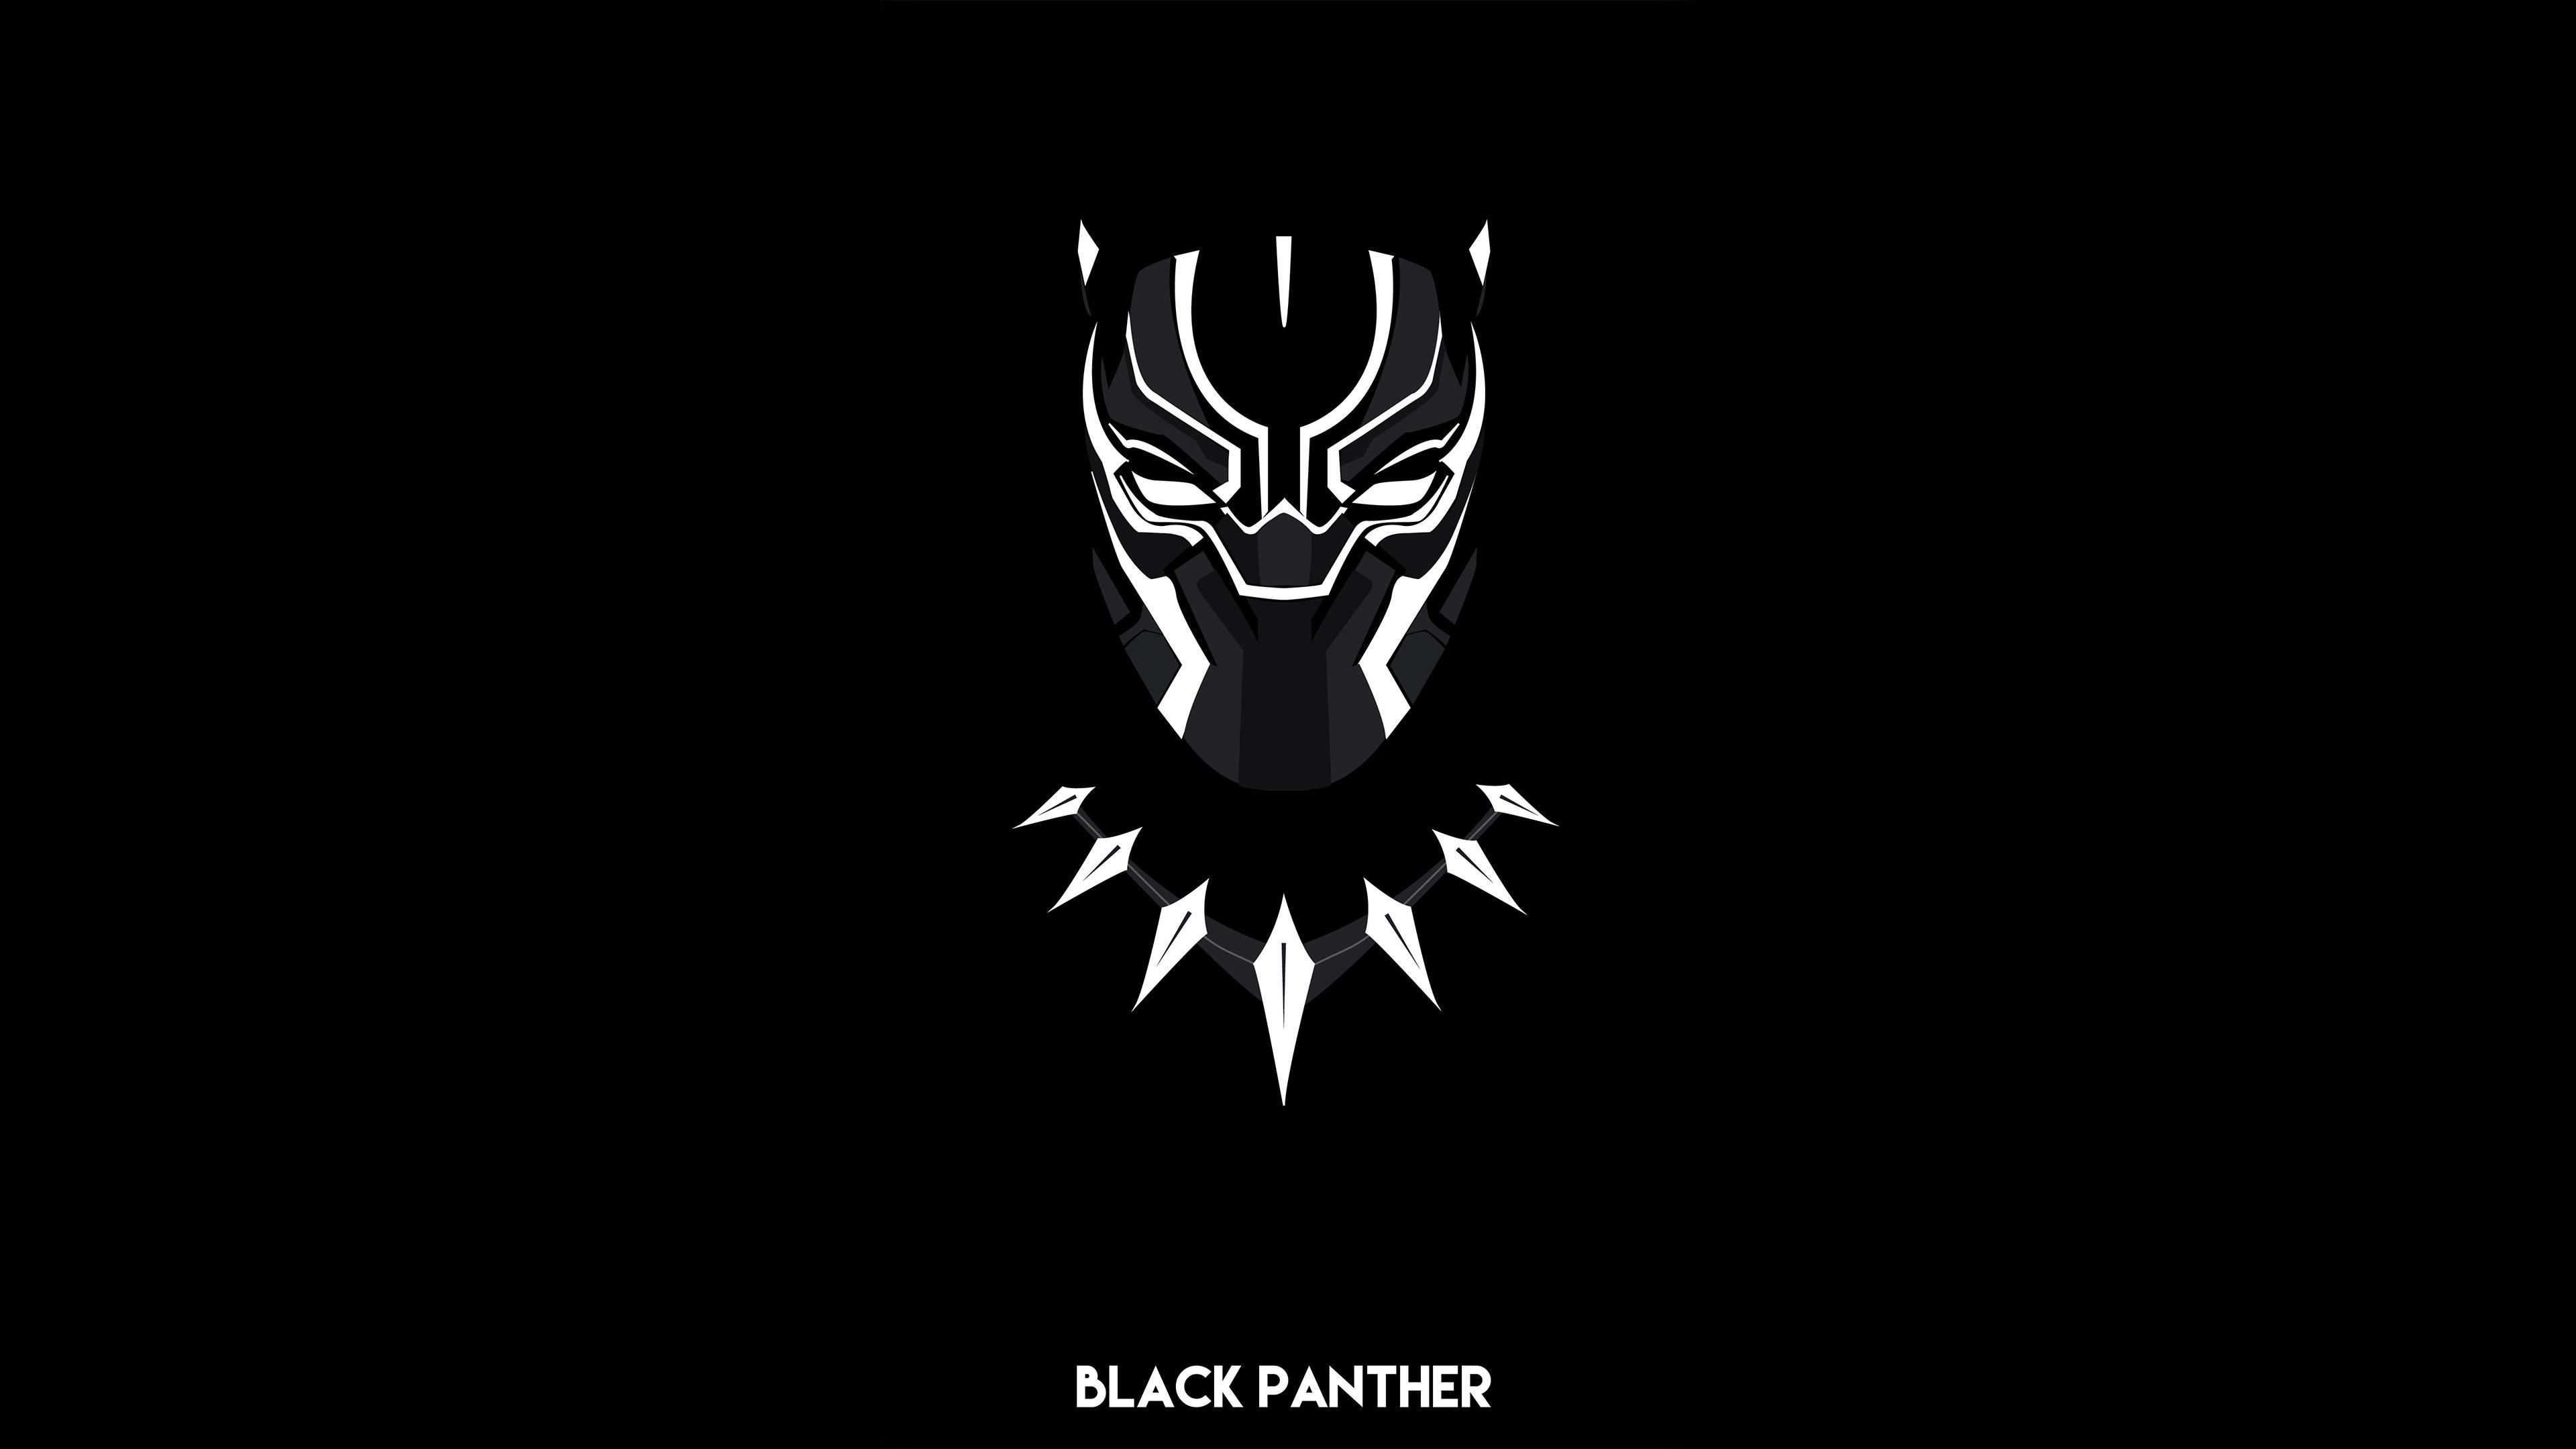 Black Panther Minimal 4k Hd Superheroes 4k Wallpapers